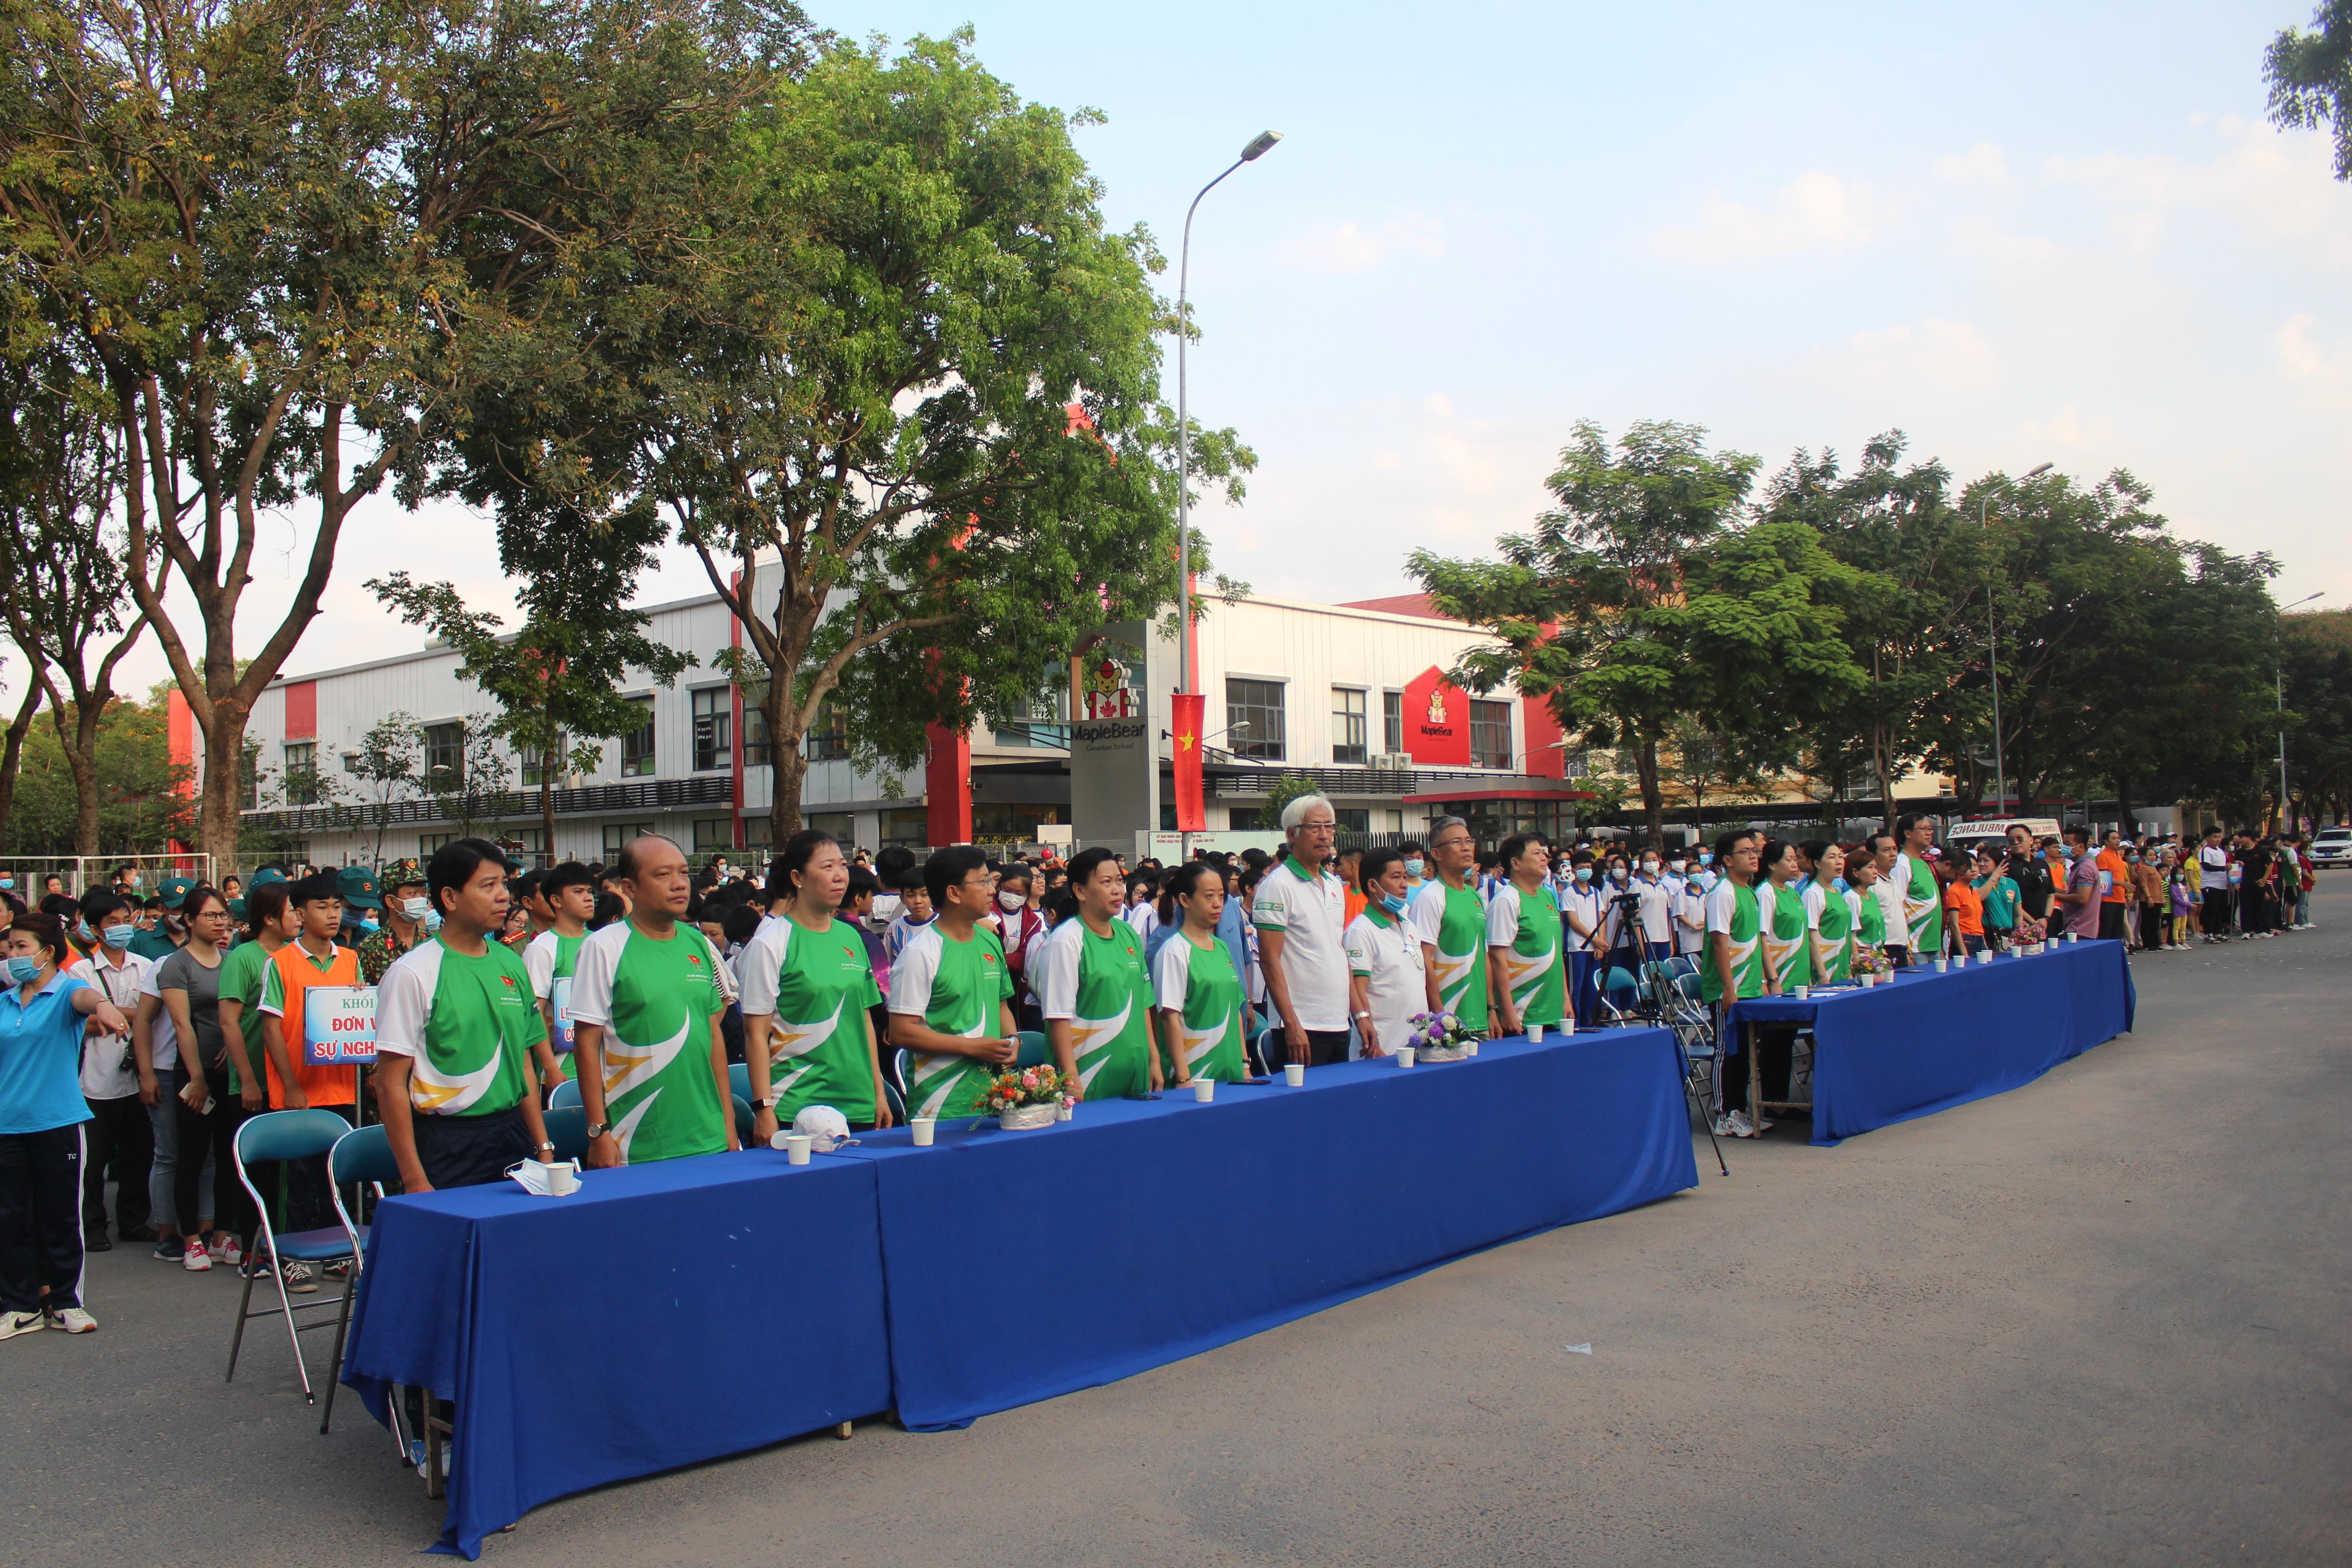 Hình ảnh: Quận Tân Phú: Hơn 1000 người tham dự ngày chạy Olympic vì sức khỏe toàn dân năm 2021 số 2